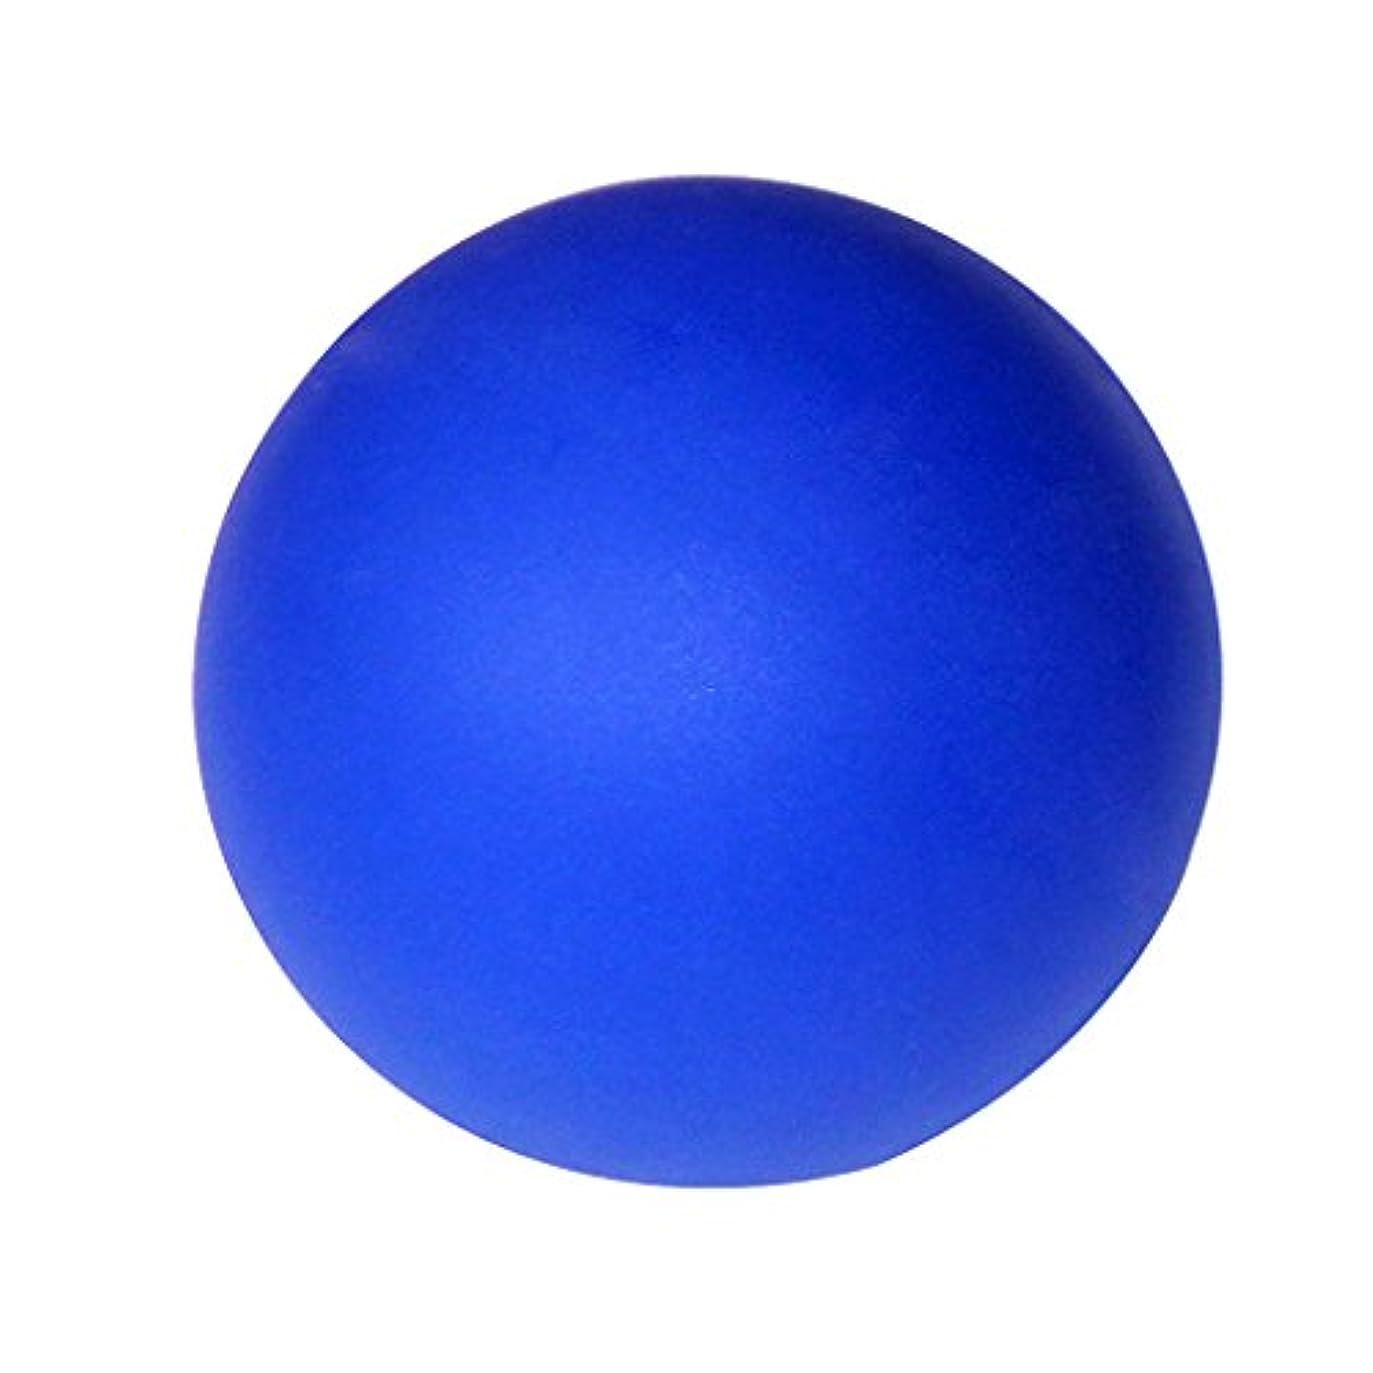 敬意母排出マッサージボール ラクロスマッサージボール 足 腕 首 足首 背中 ジム ホーム 運動療法